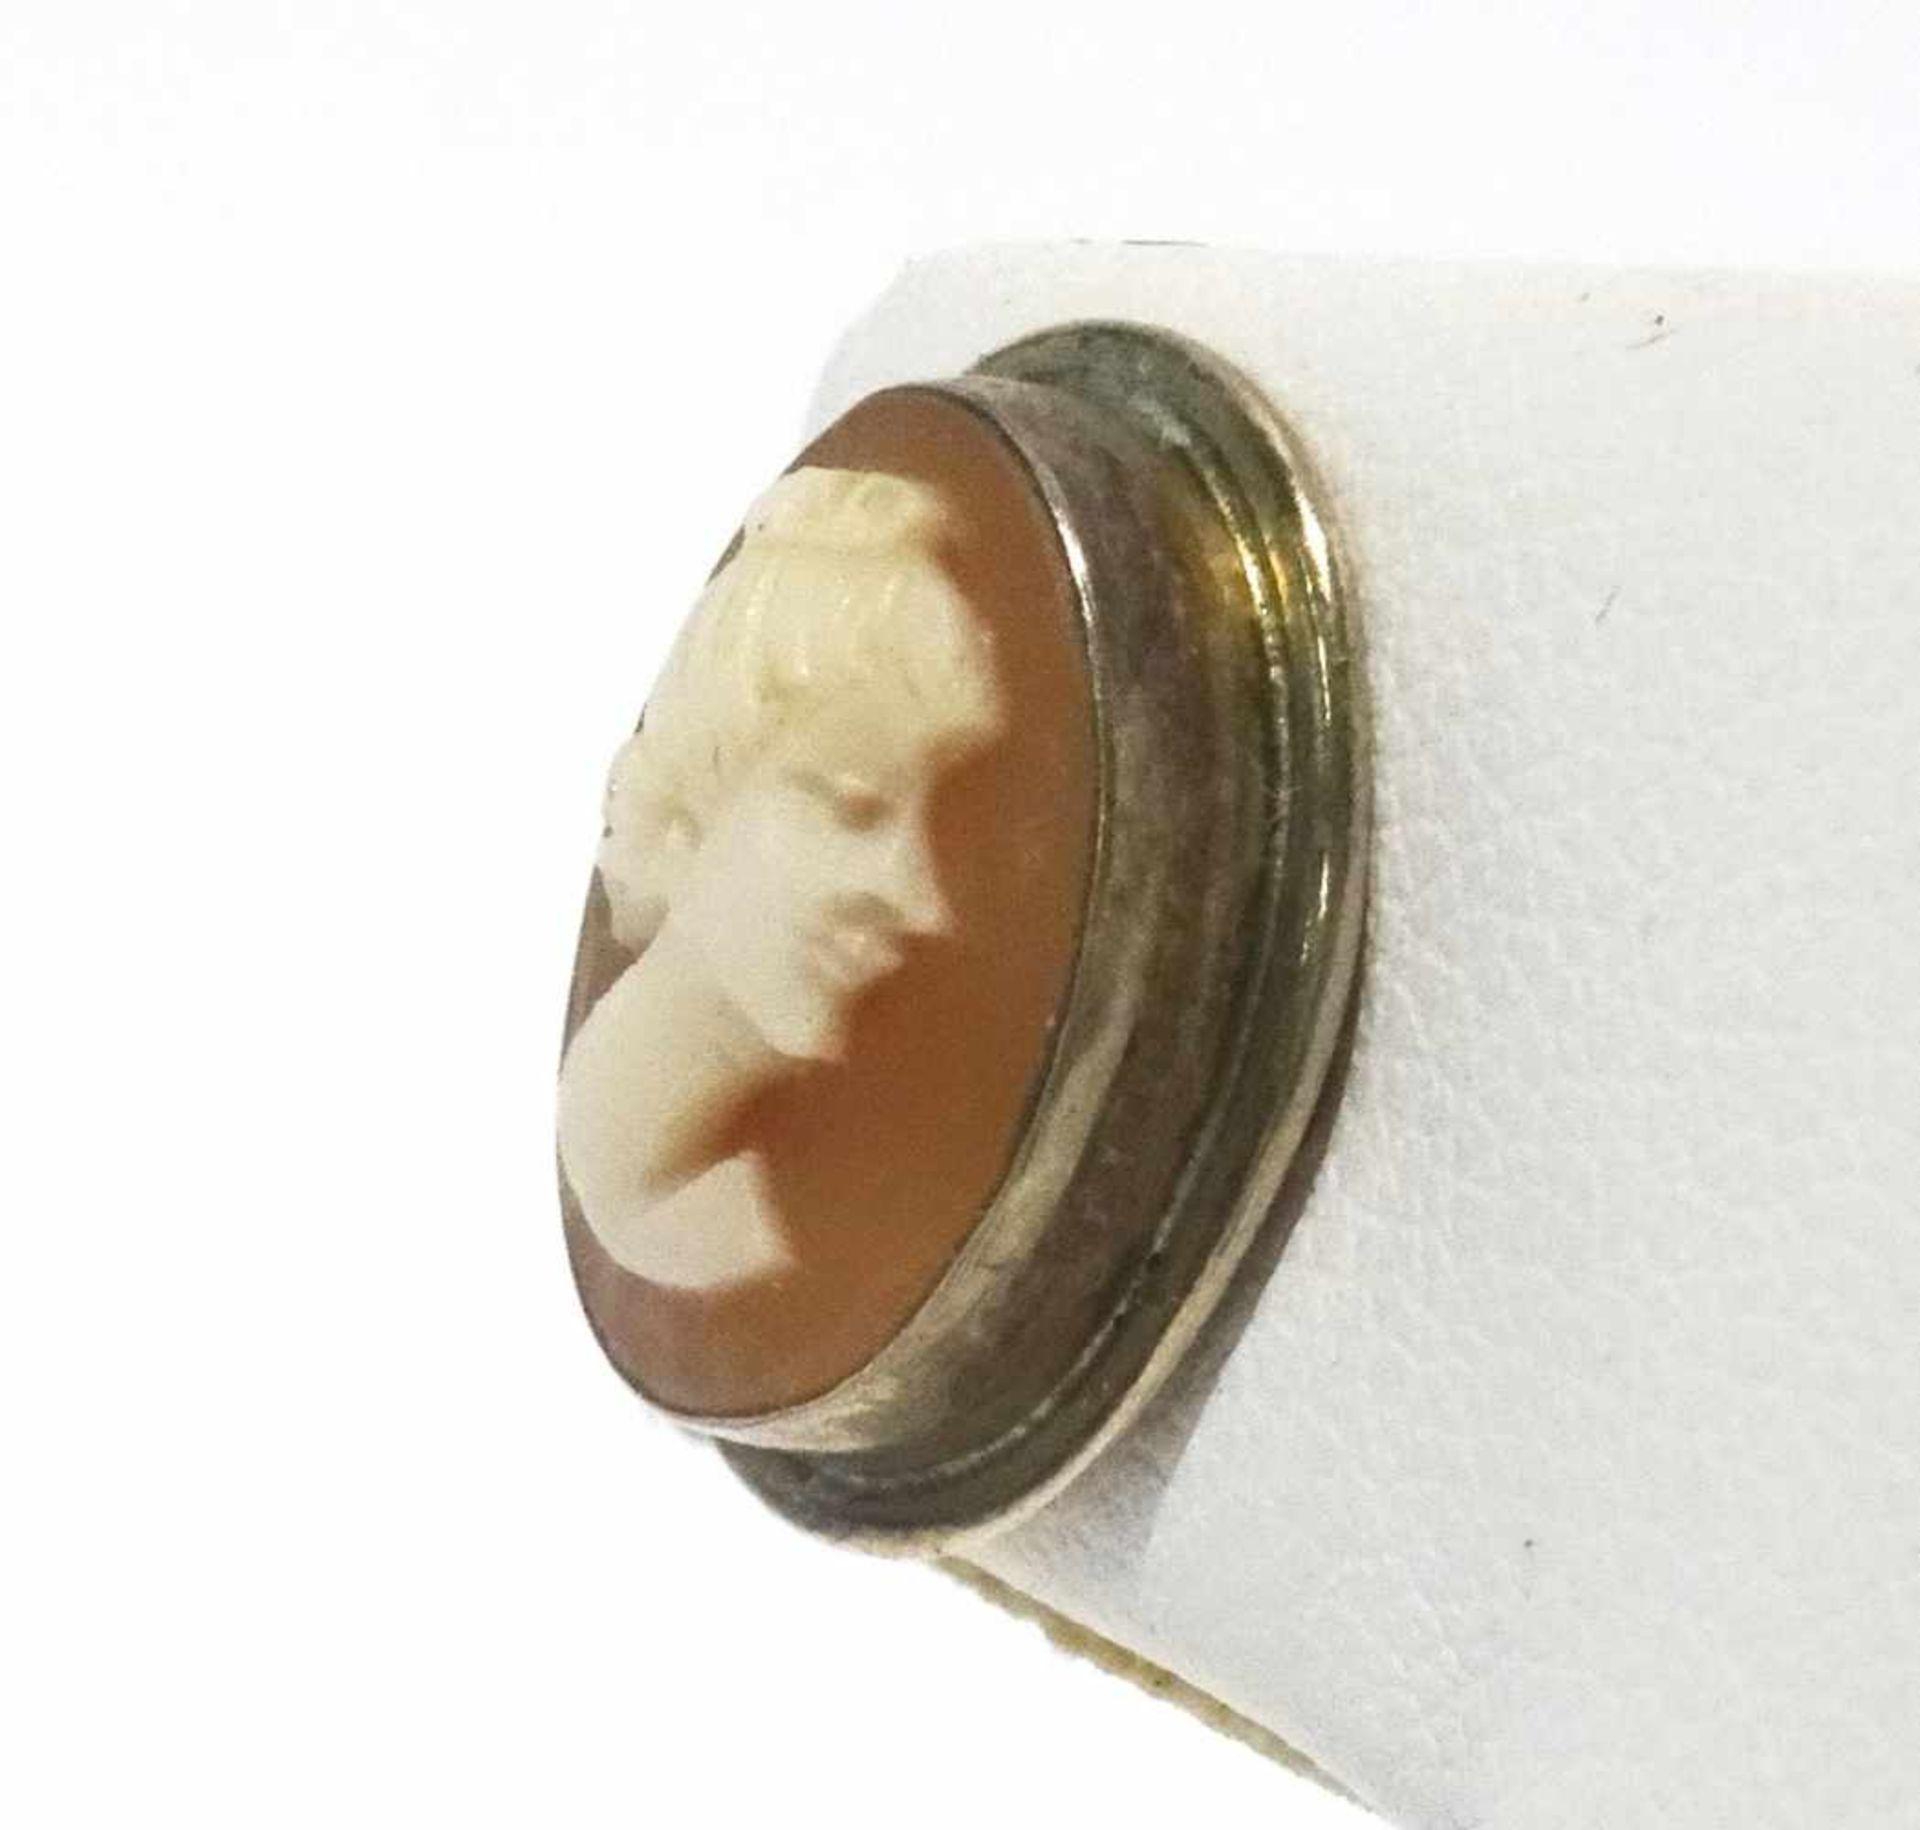 800 Silber Ohrstecker mit Gemme in vergoldeter Zargenfassung, Gemme ca. 12x9 mm, Gewicht ges. ca. - Bild 2 aus 3